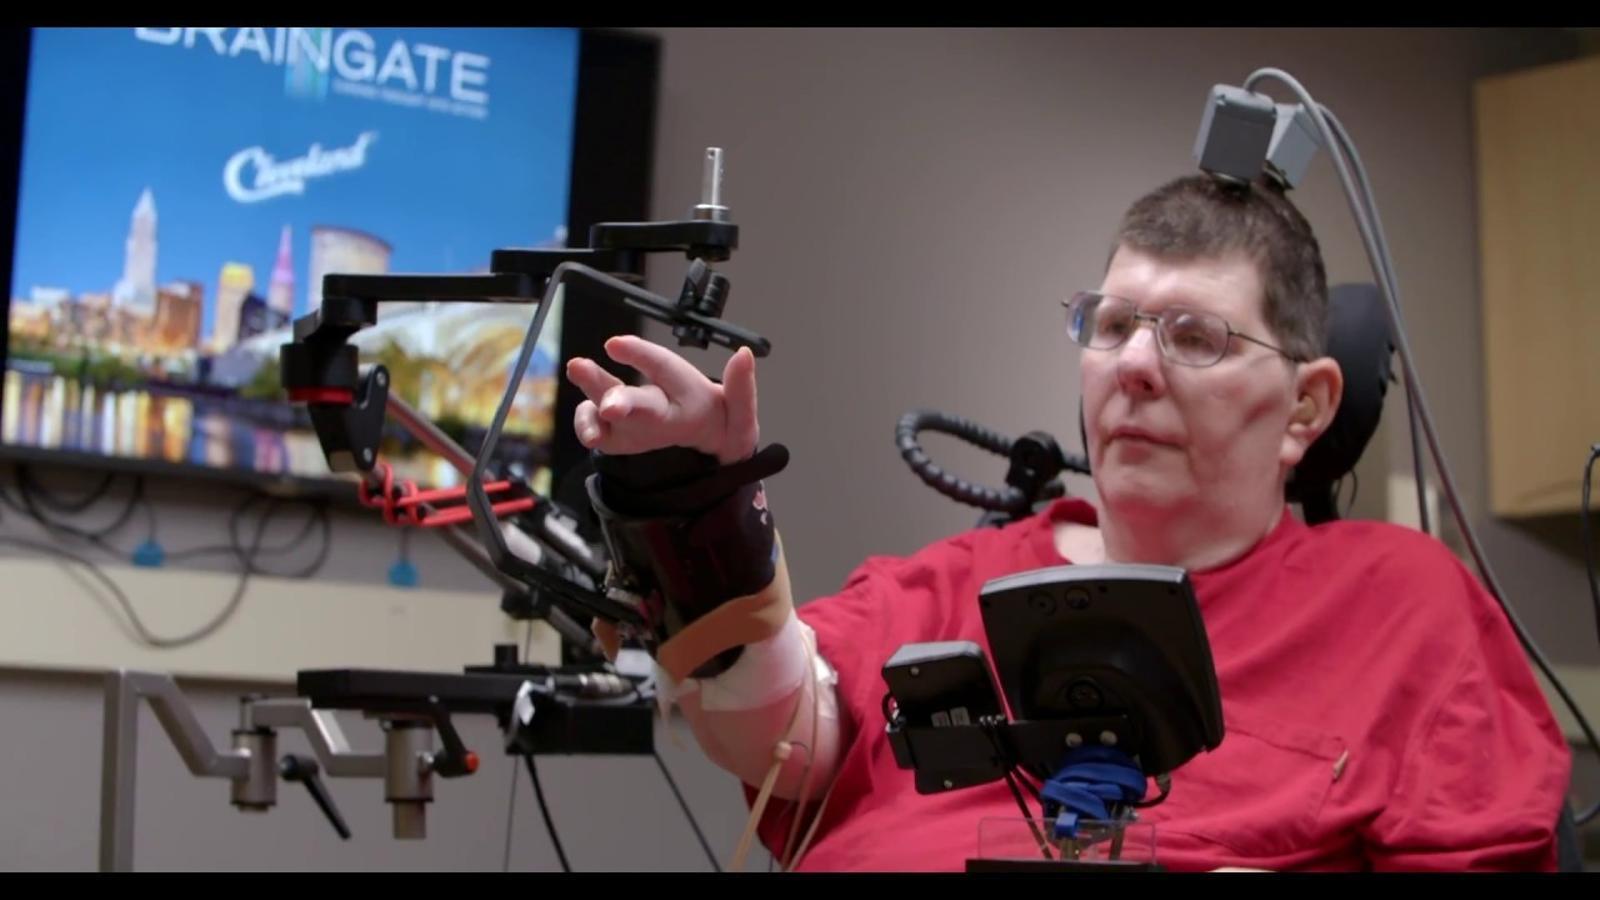 L'home amb paràlisi que pot moure els seus braços després de 10 anys